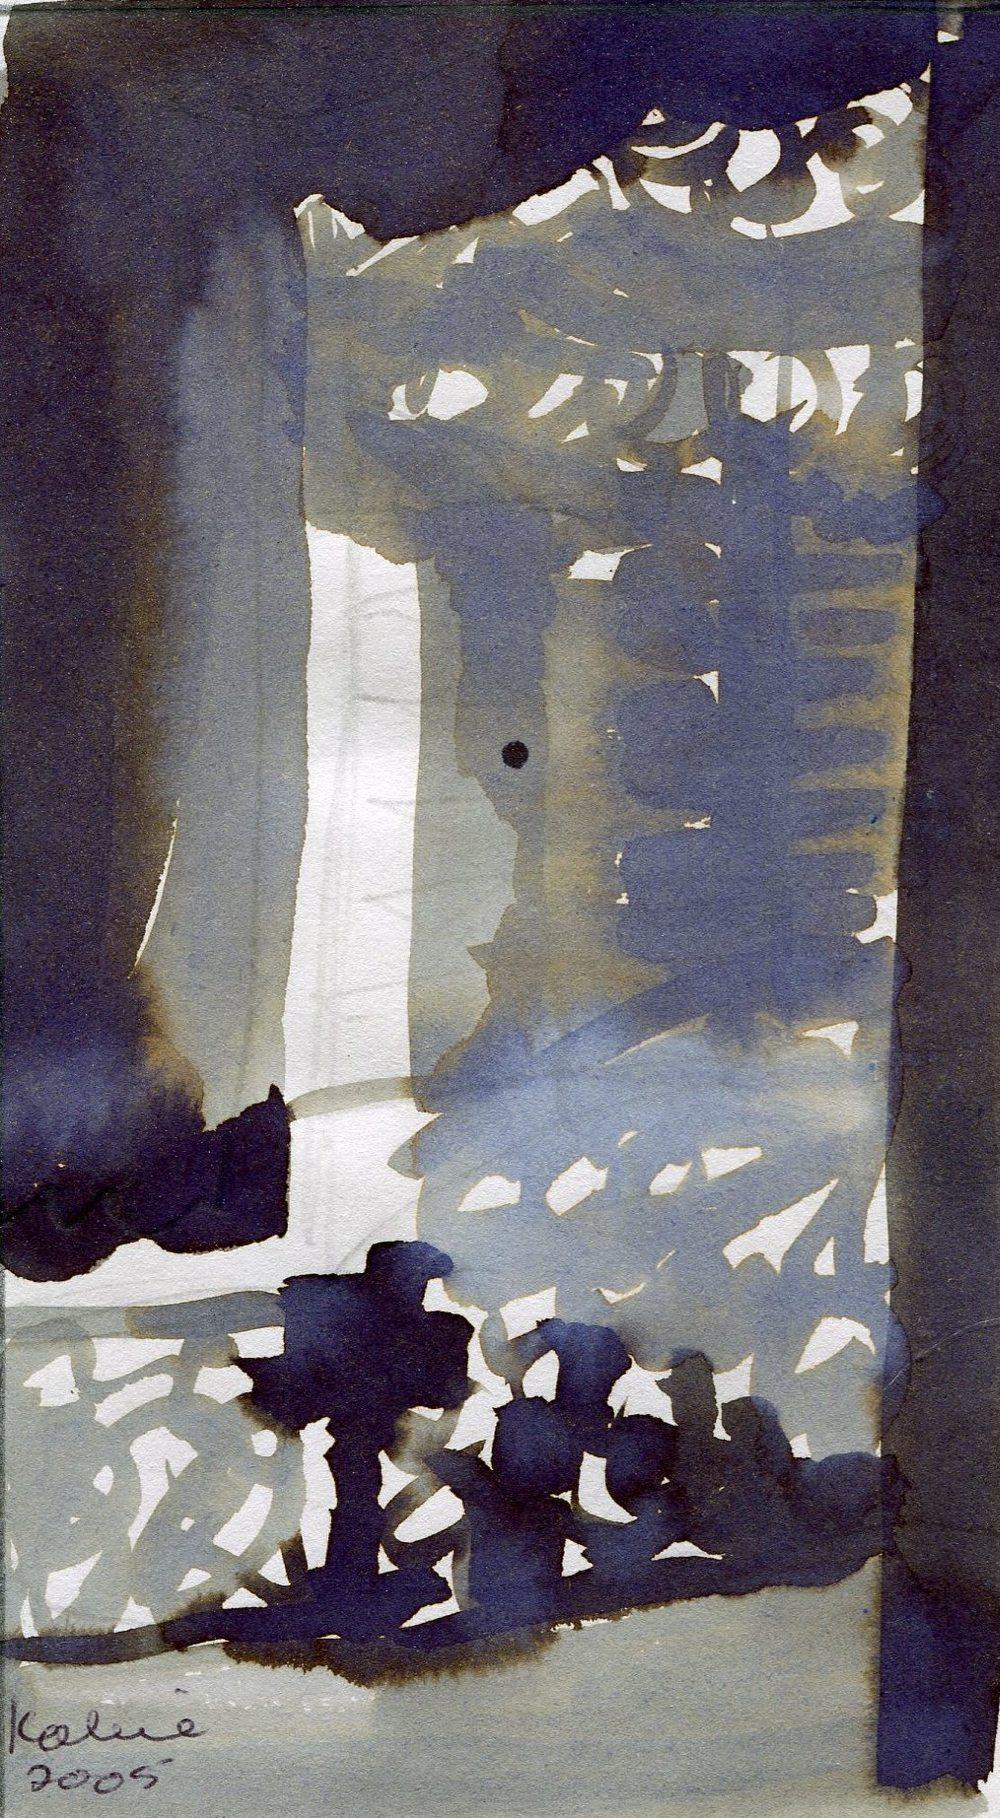 100a Venter, Kobie - Blackridge Veranda, Ink & Bleach.jpg